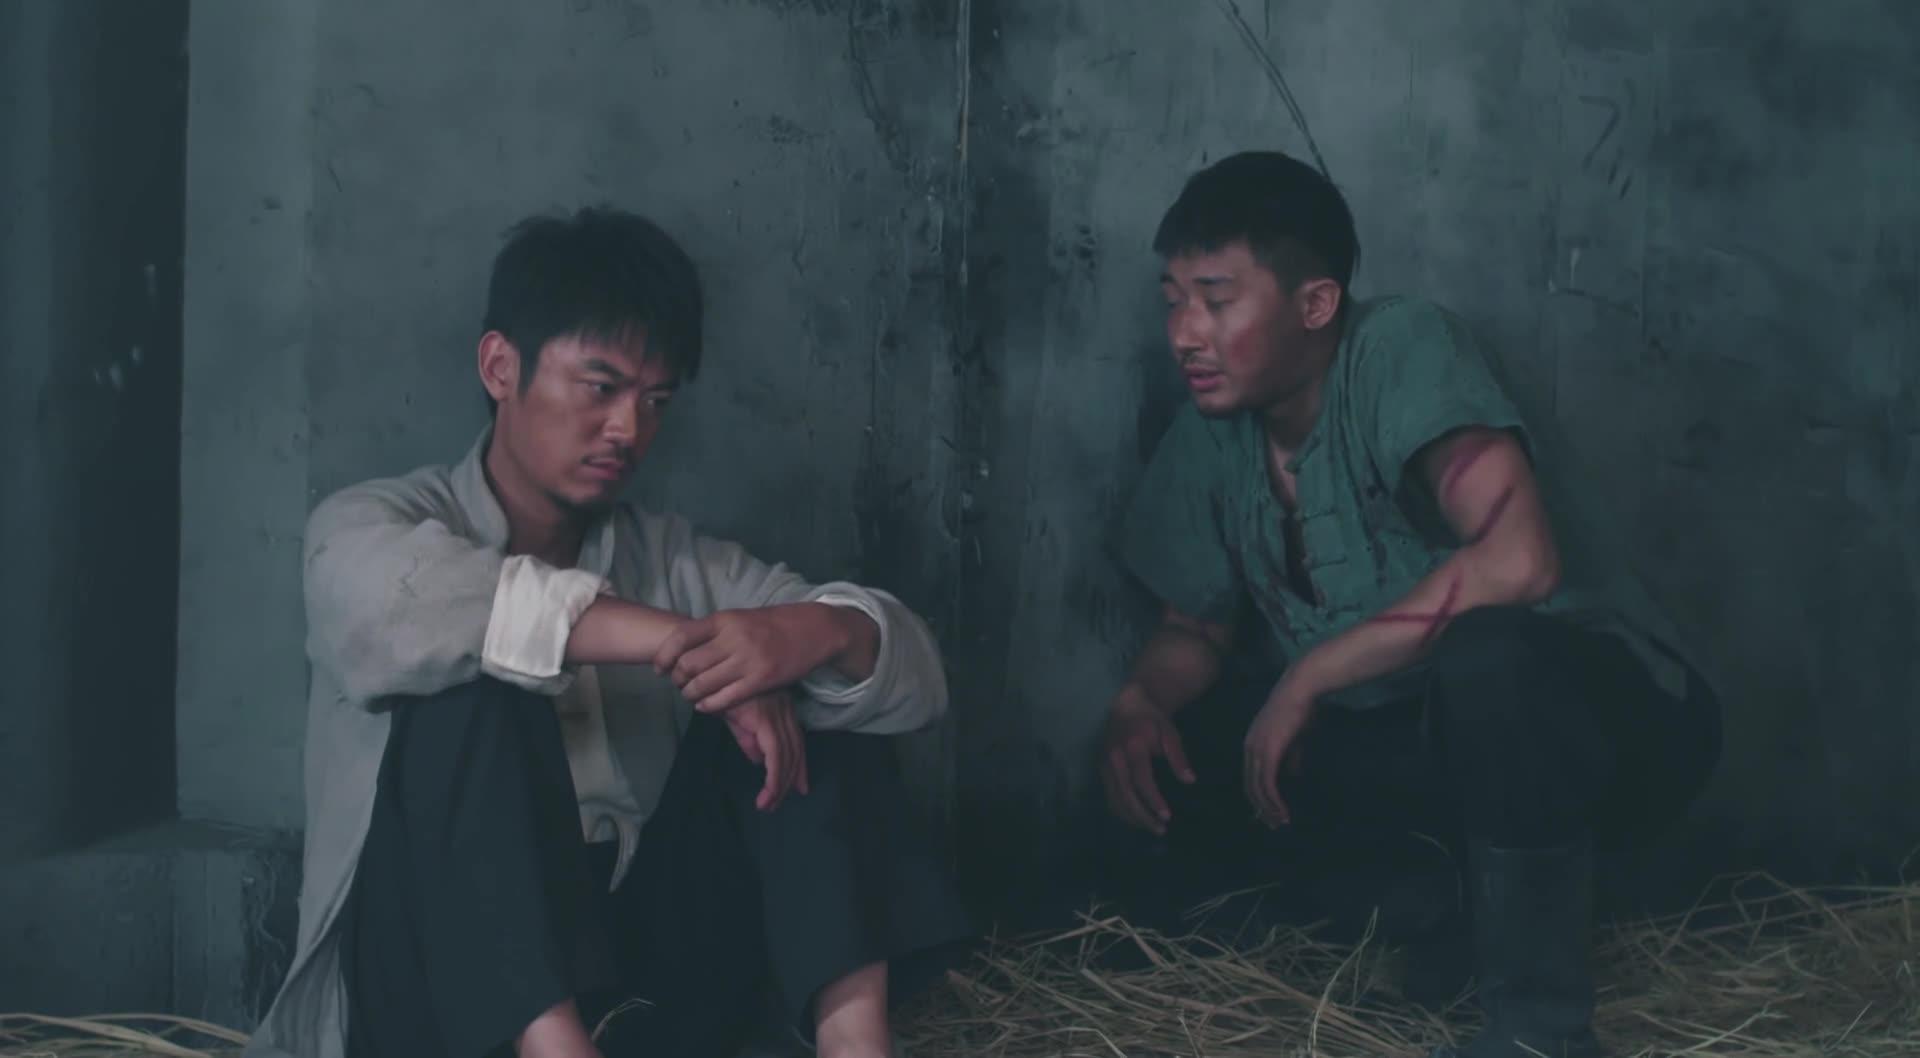 【最后的战士】第8集预告-石风发现部落纹身